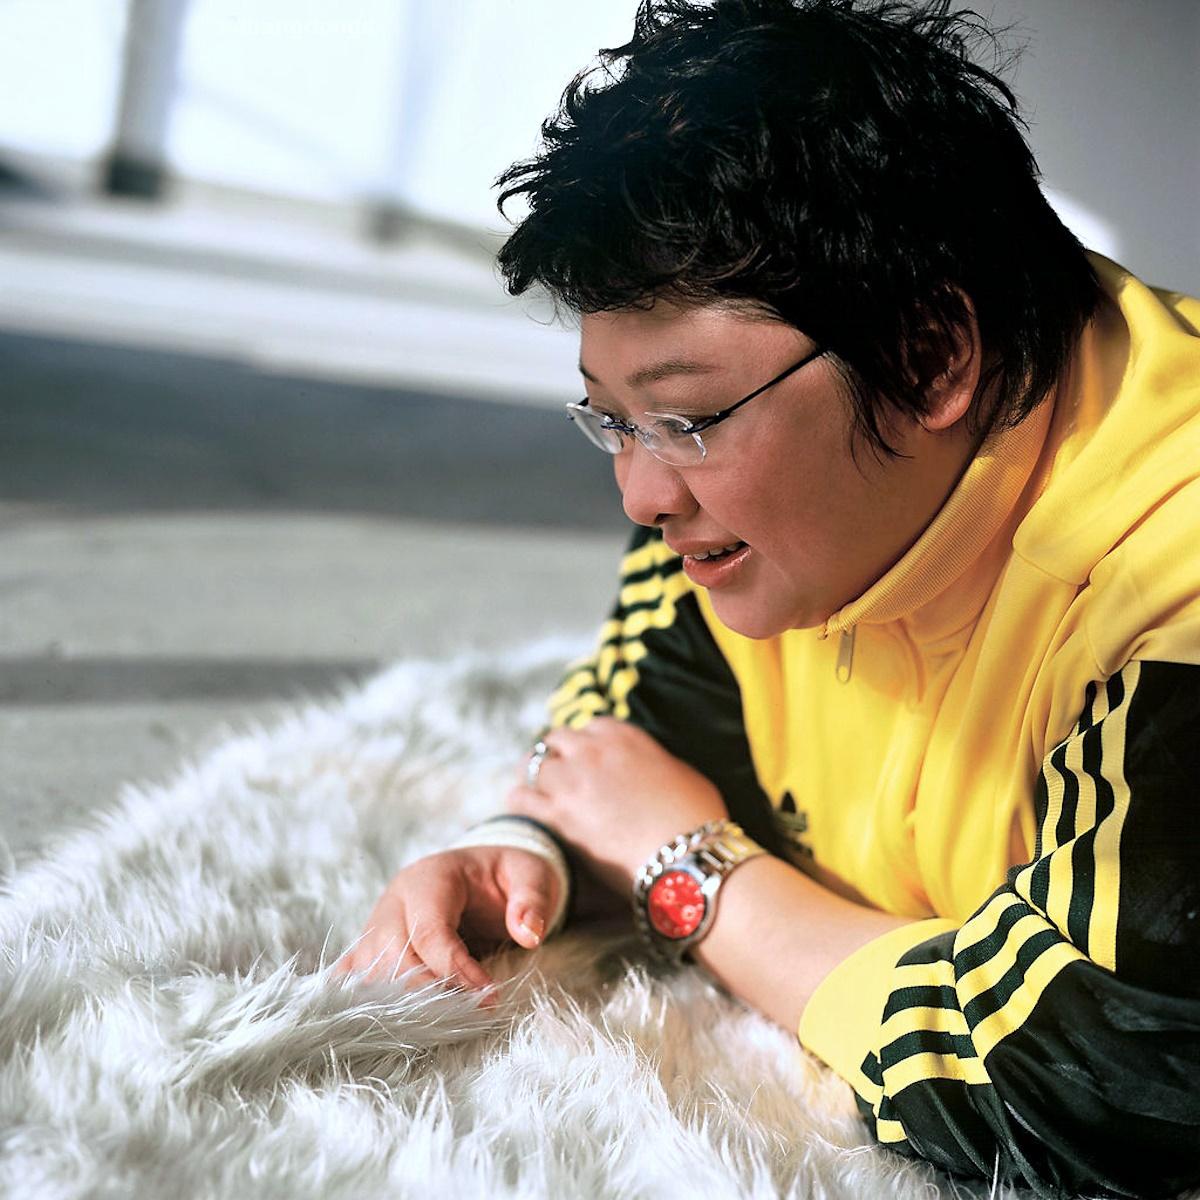 00 Han Hong. China. singer. 14.01.15